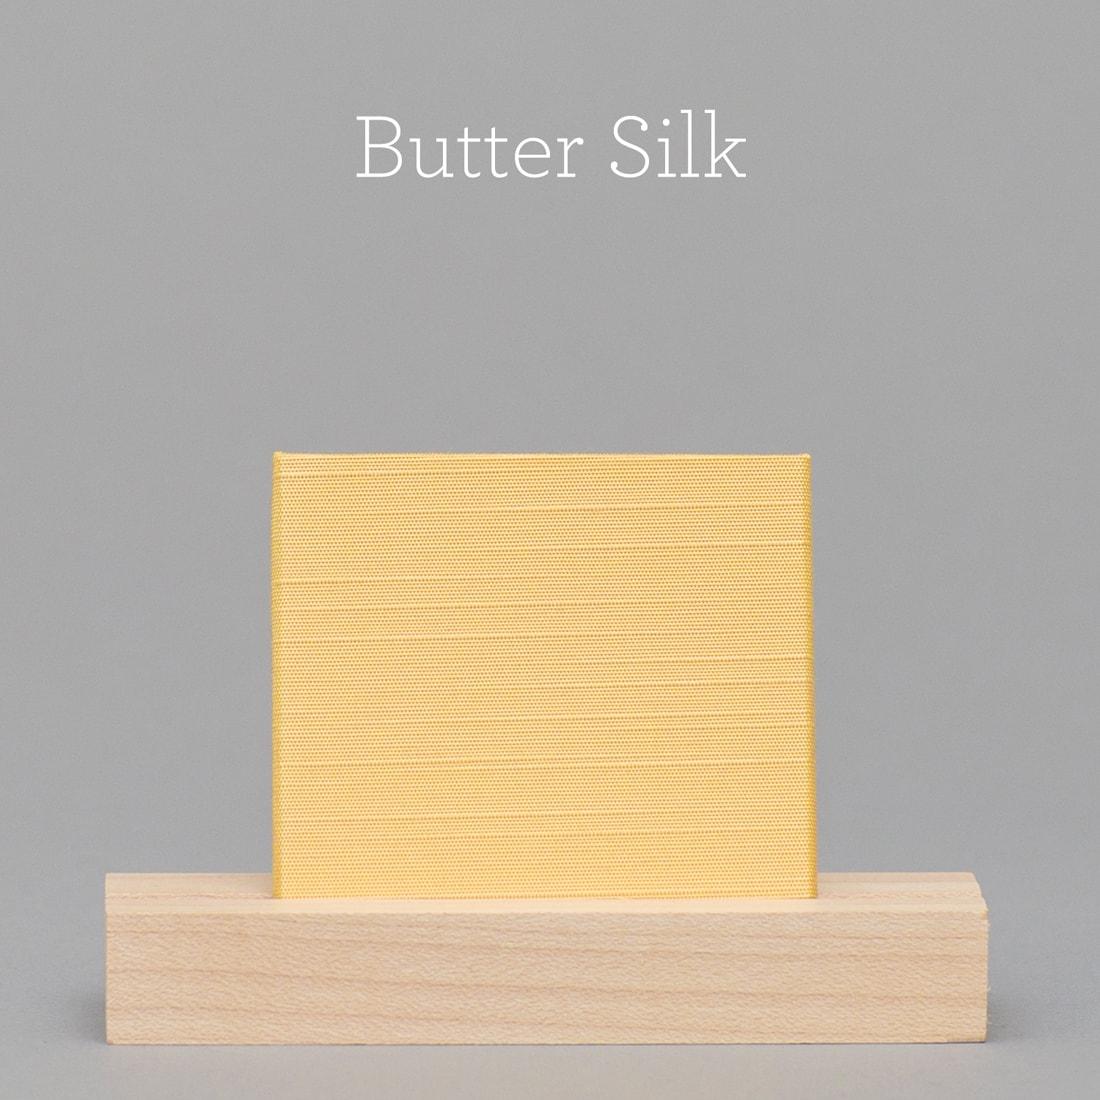 ButterSilk.jpg